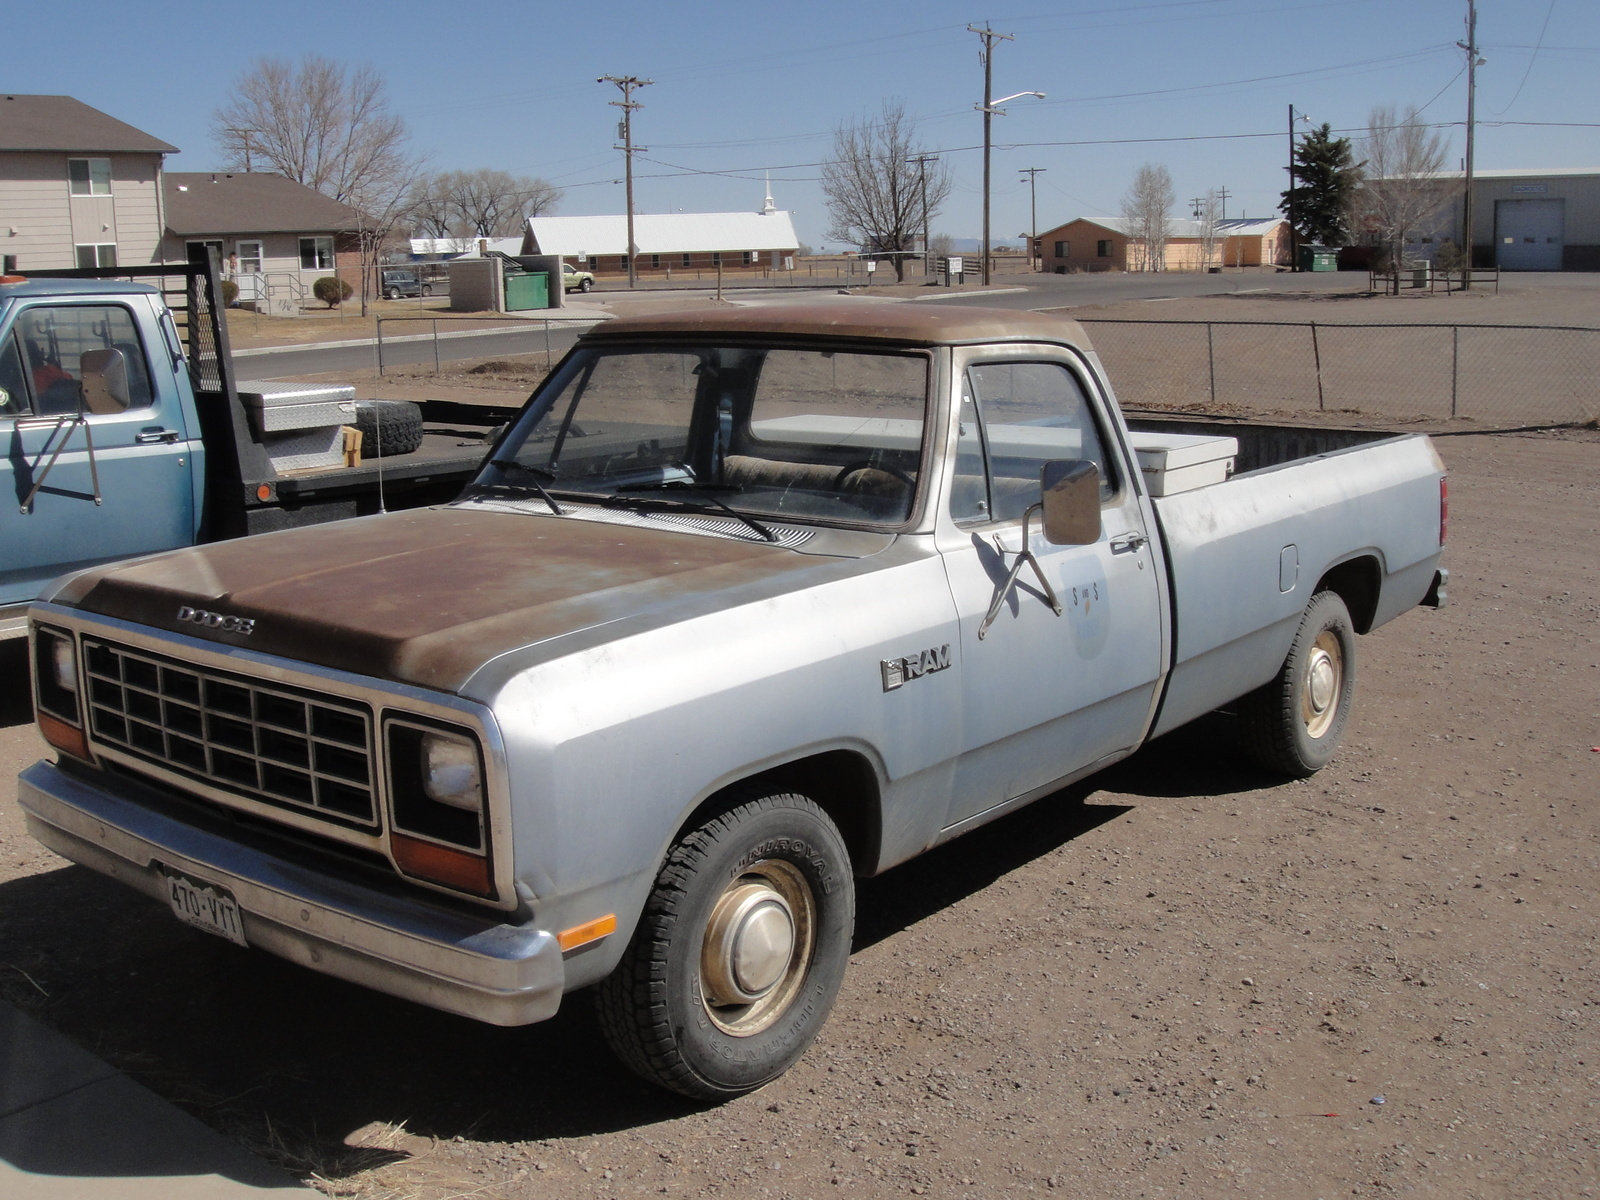 1985 Dodge Ram - Exterior Pictures - CarGurus